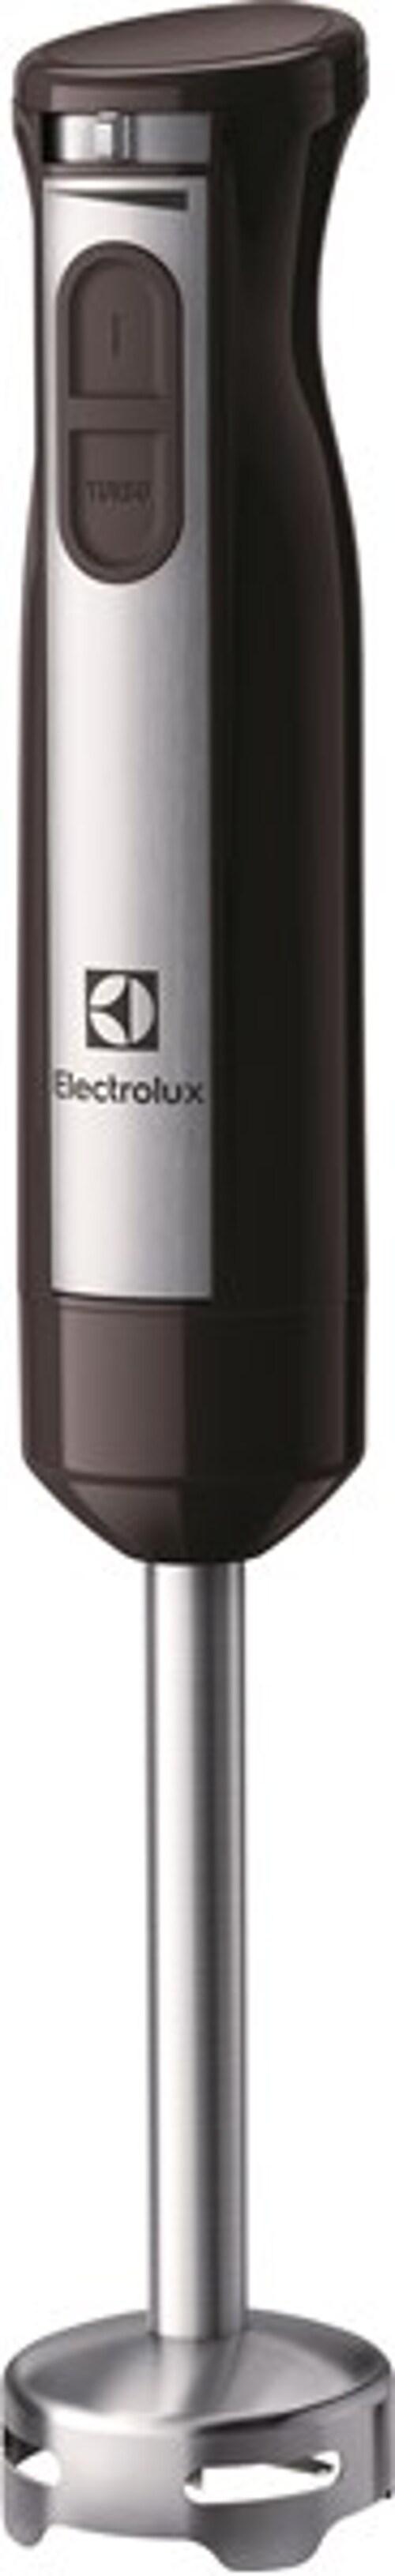 Electrolux ESTM6500